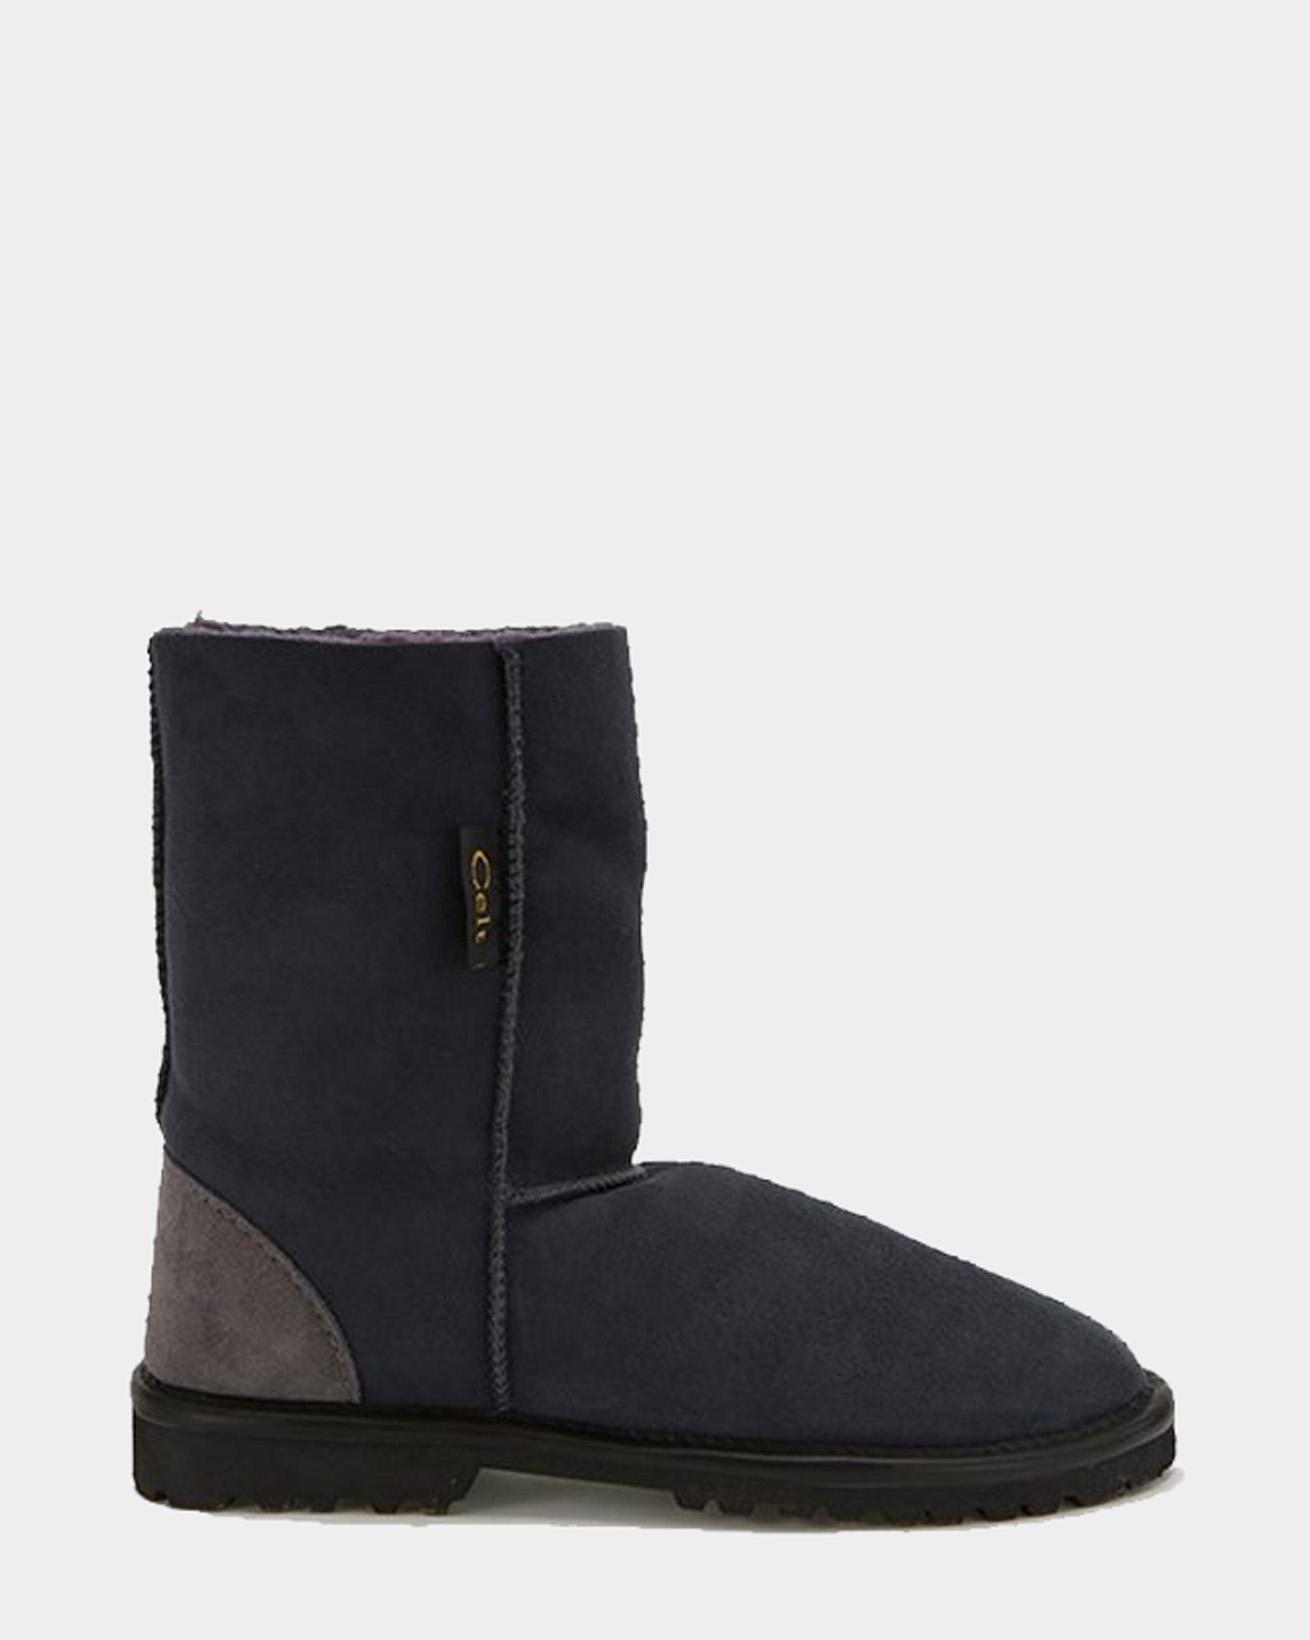 6606-mens-celt-regular-sheepskin-boots-grey-cutout-2.jpg